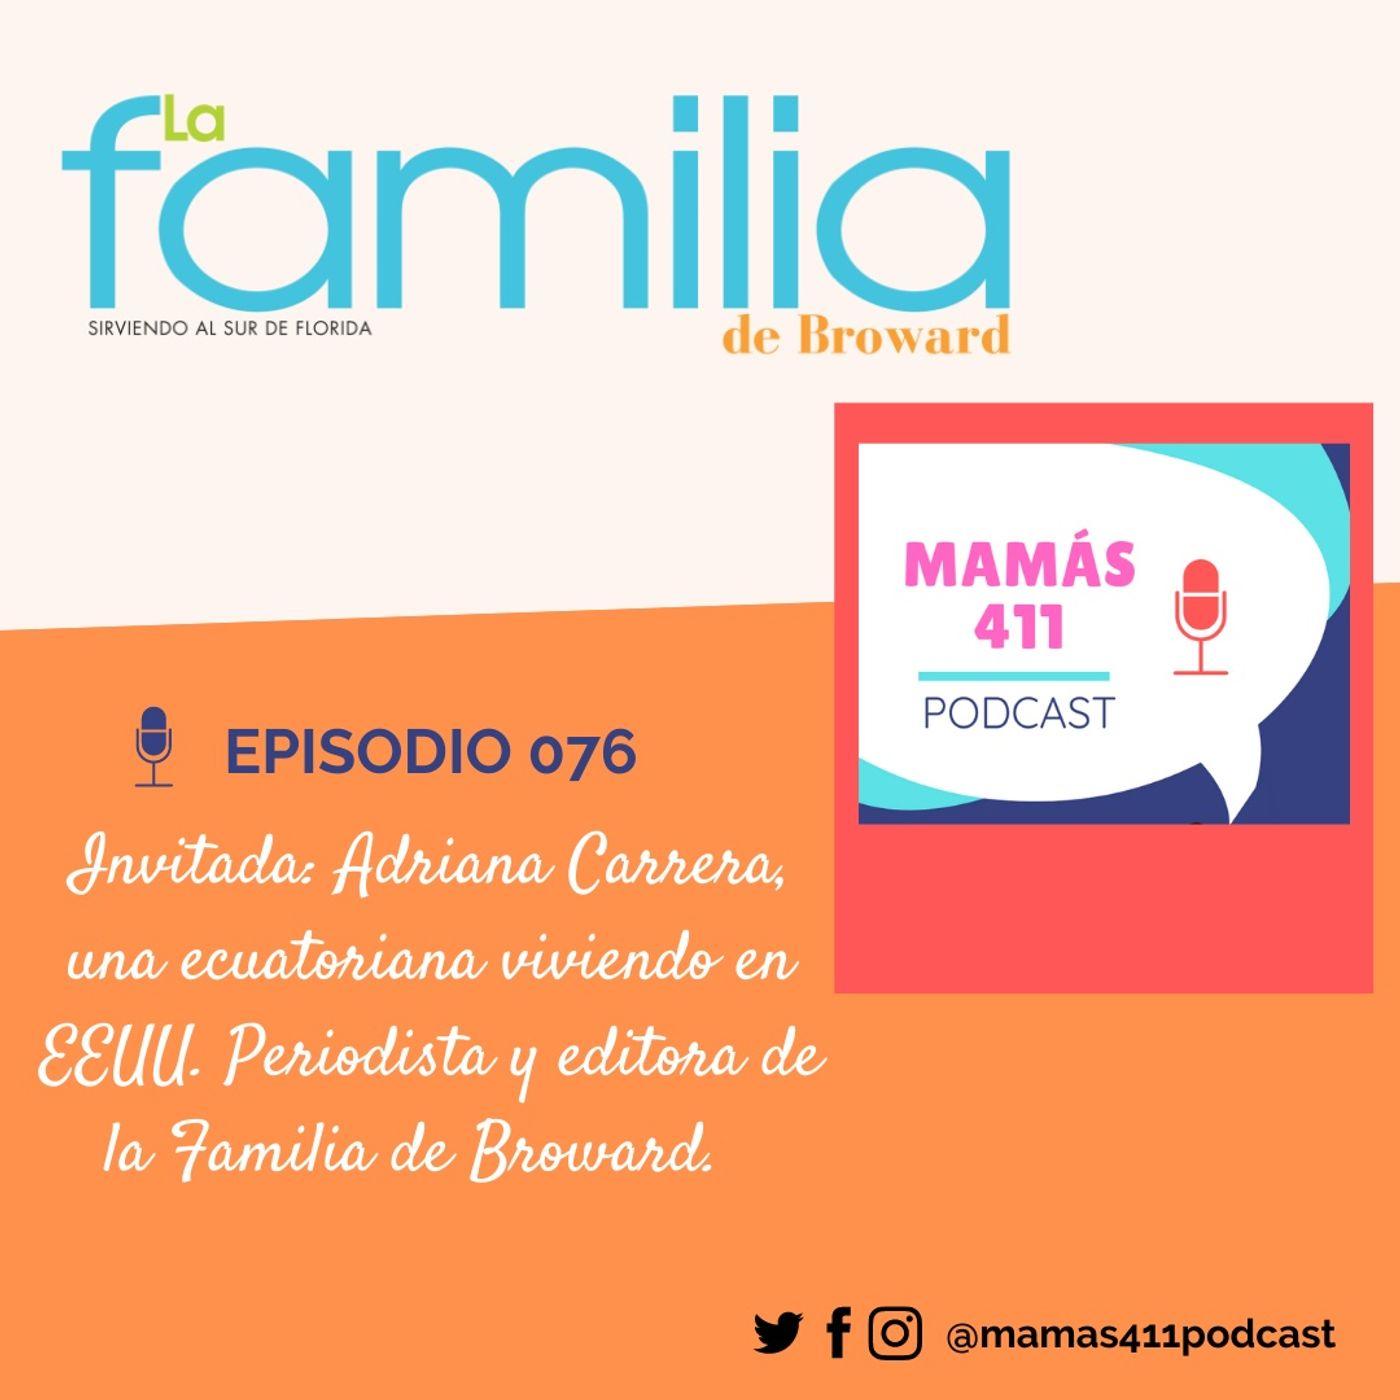 076 - Invitada: Adriana Carrera, periodista ecuatoriana viviendo en EEUU. Editora de la Familia de Broward